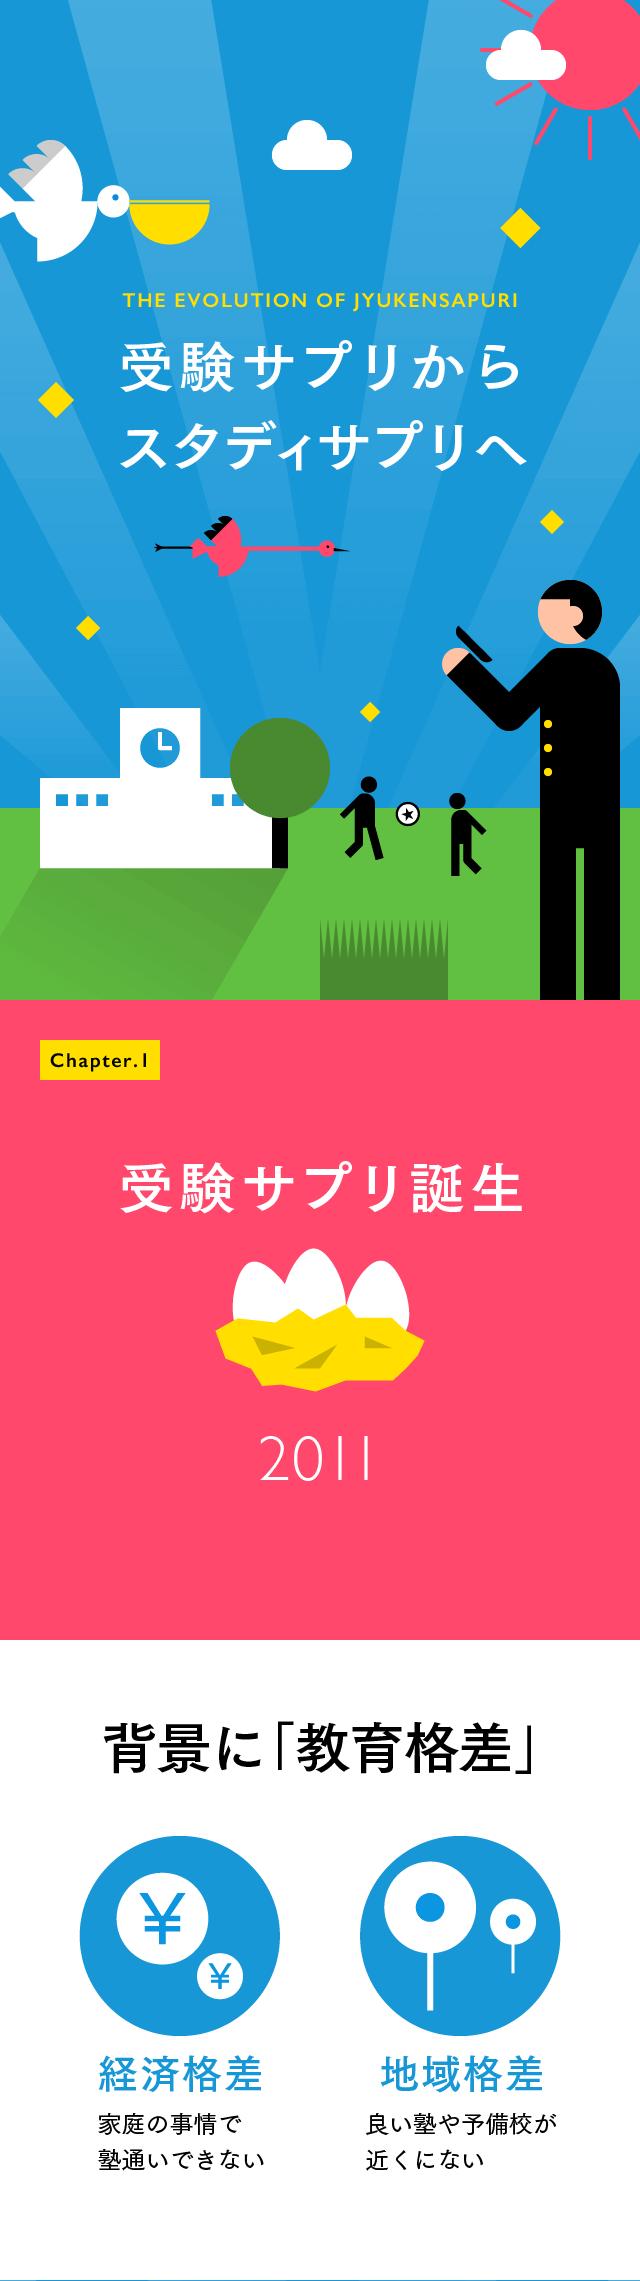 【マスター】スタディサプリインフォ_20160302-2-01